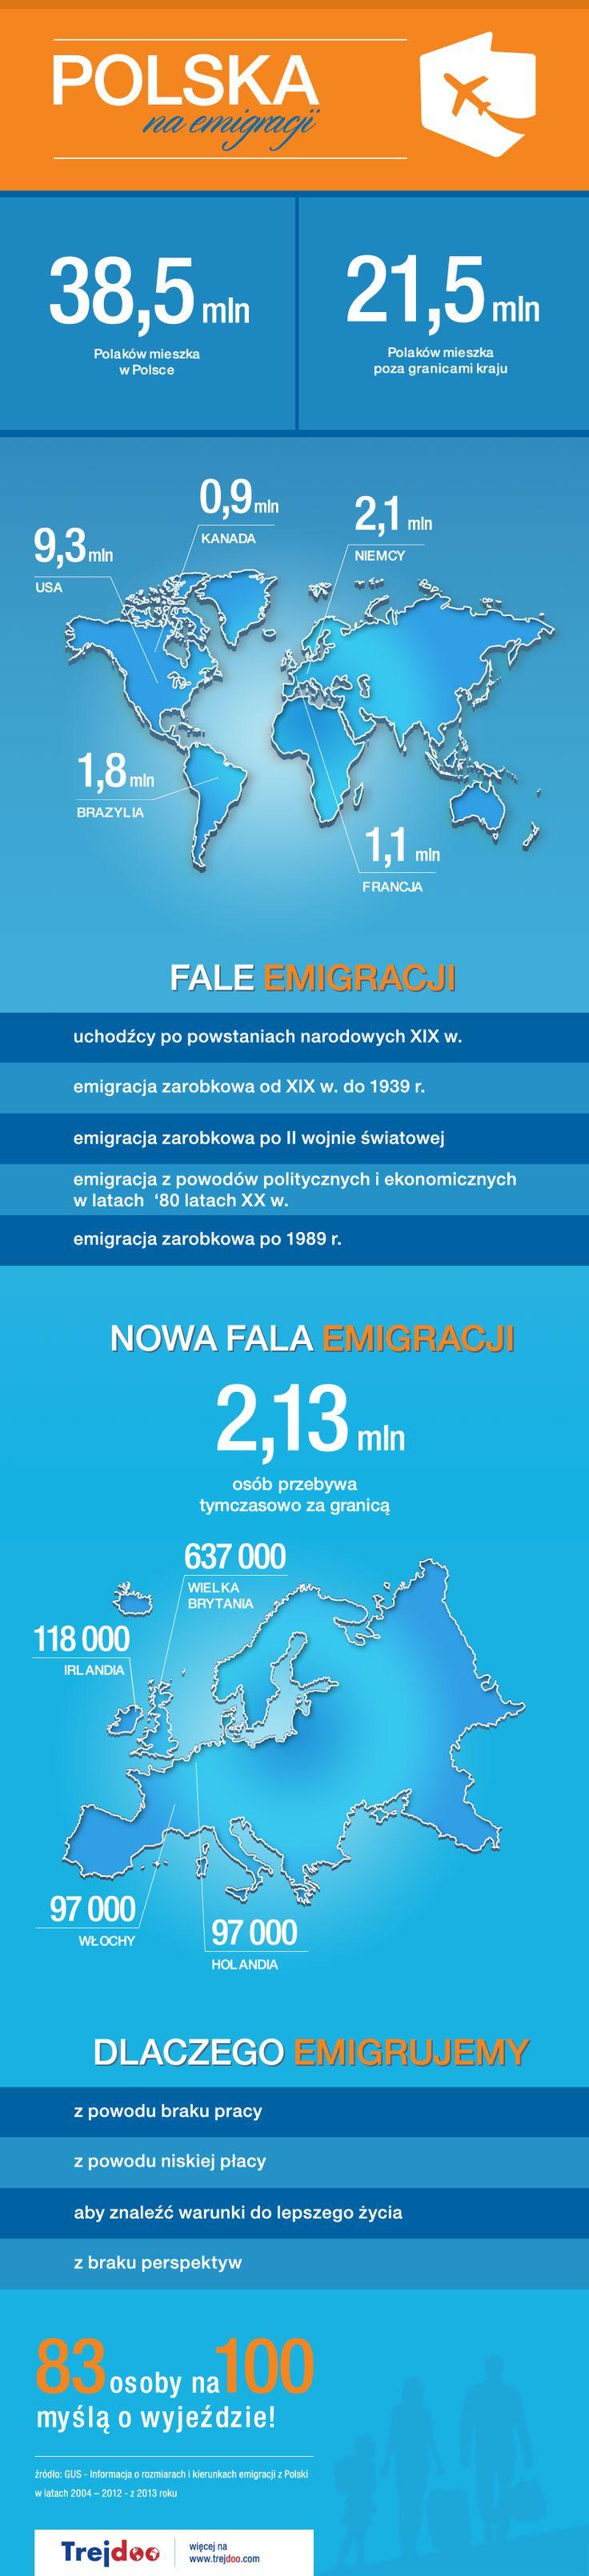 Polacy za granicą – gdzie i dlaczego emigrujemy? #emigracja #praca